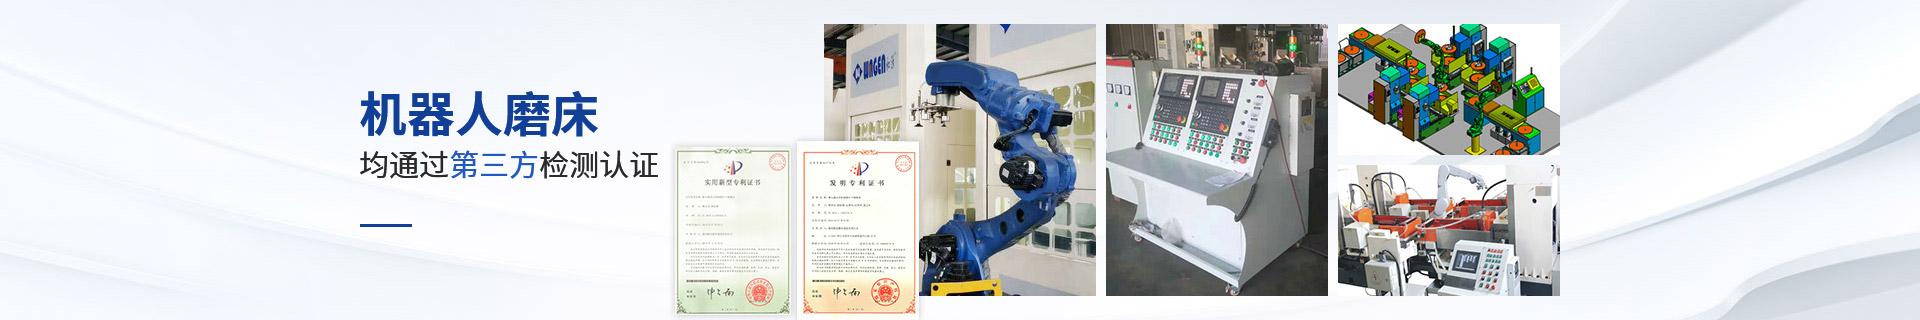 勤龙机器人磨床均通过第三方检测认证